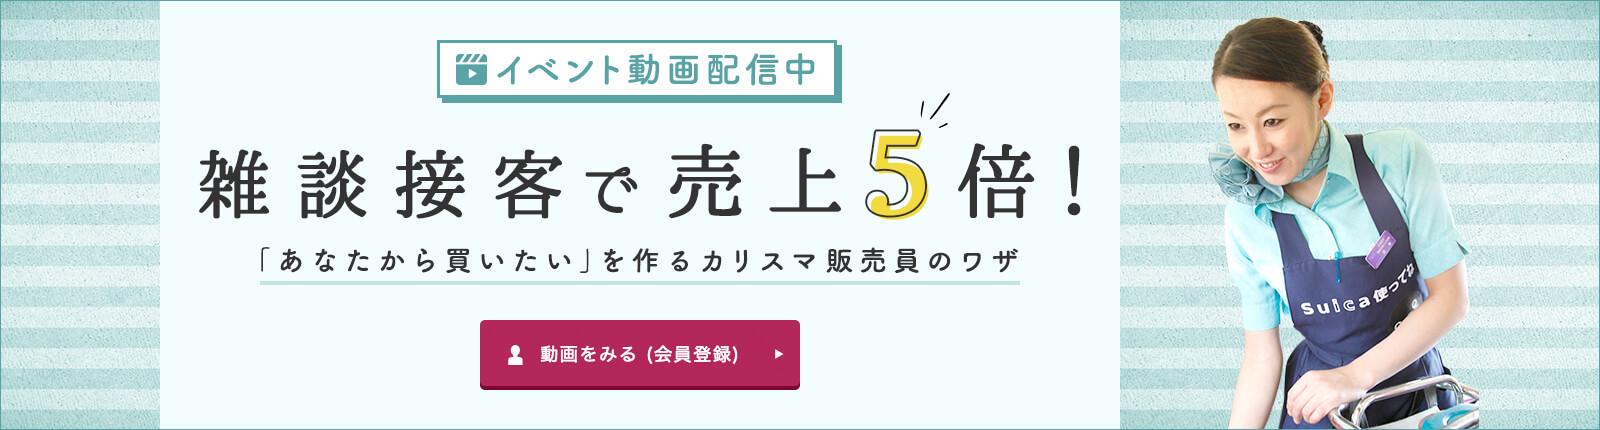 イベント動画配信中 雑談接客で売上5倍!